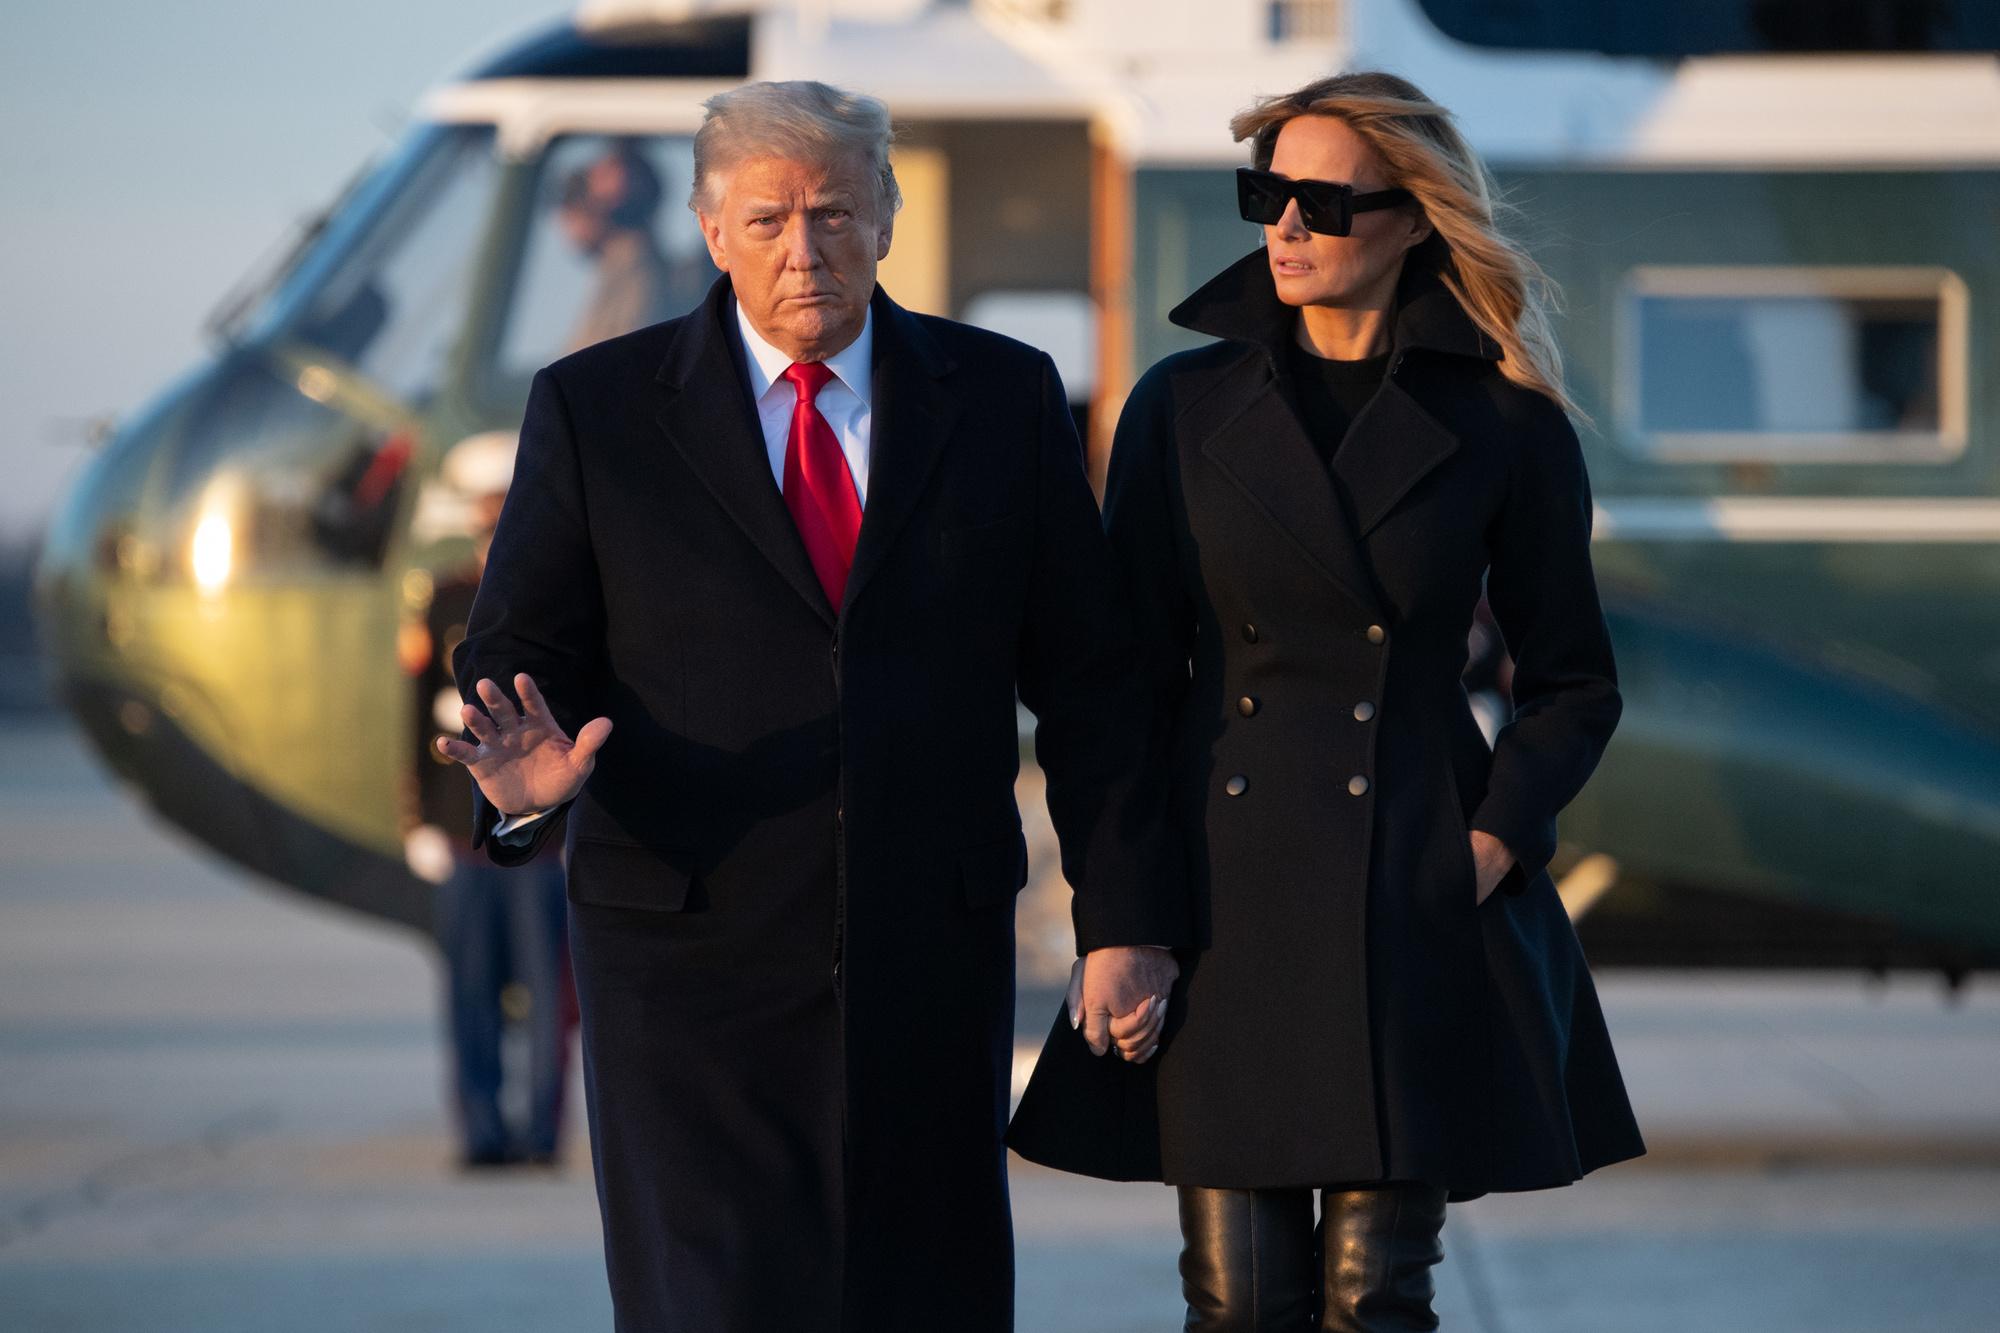 Donald et Melania Trump, à Mar-a-Lago pour Noël, SAUL LOEB / AFP